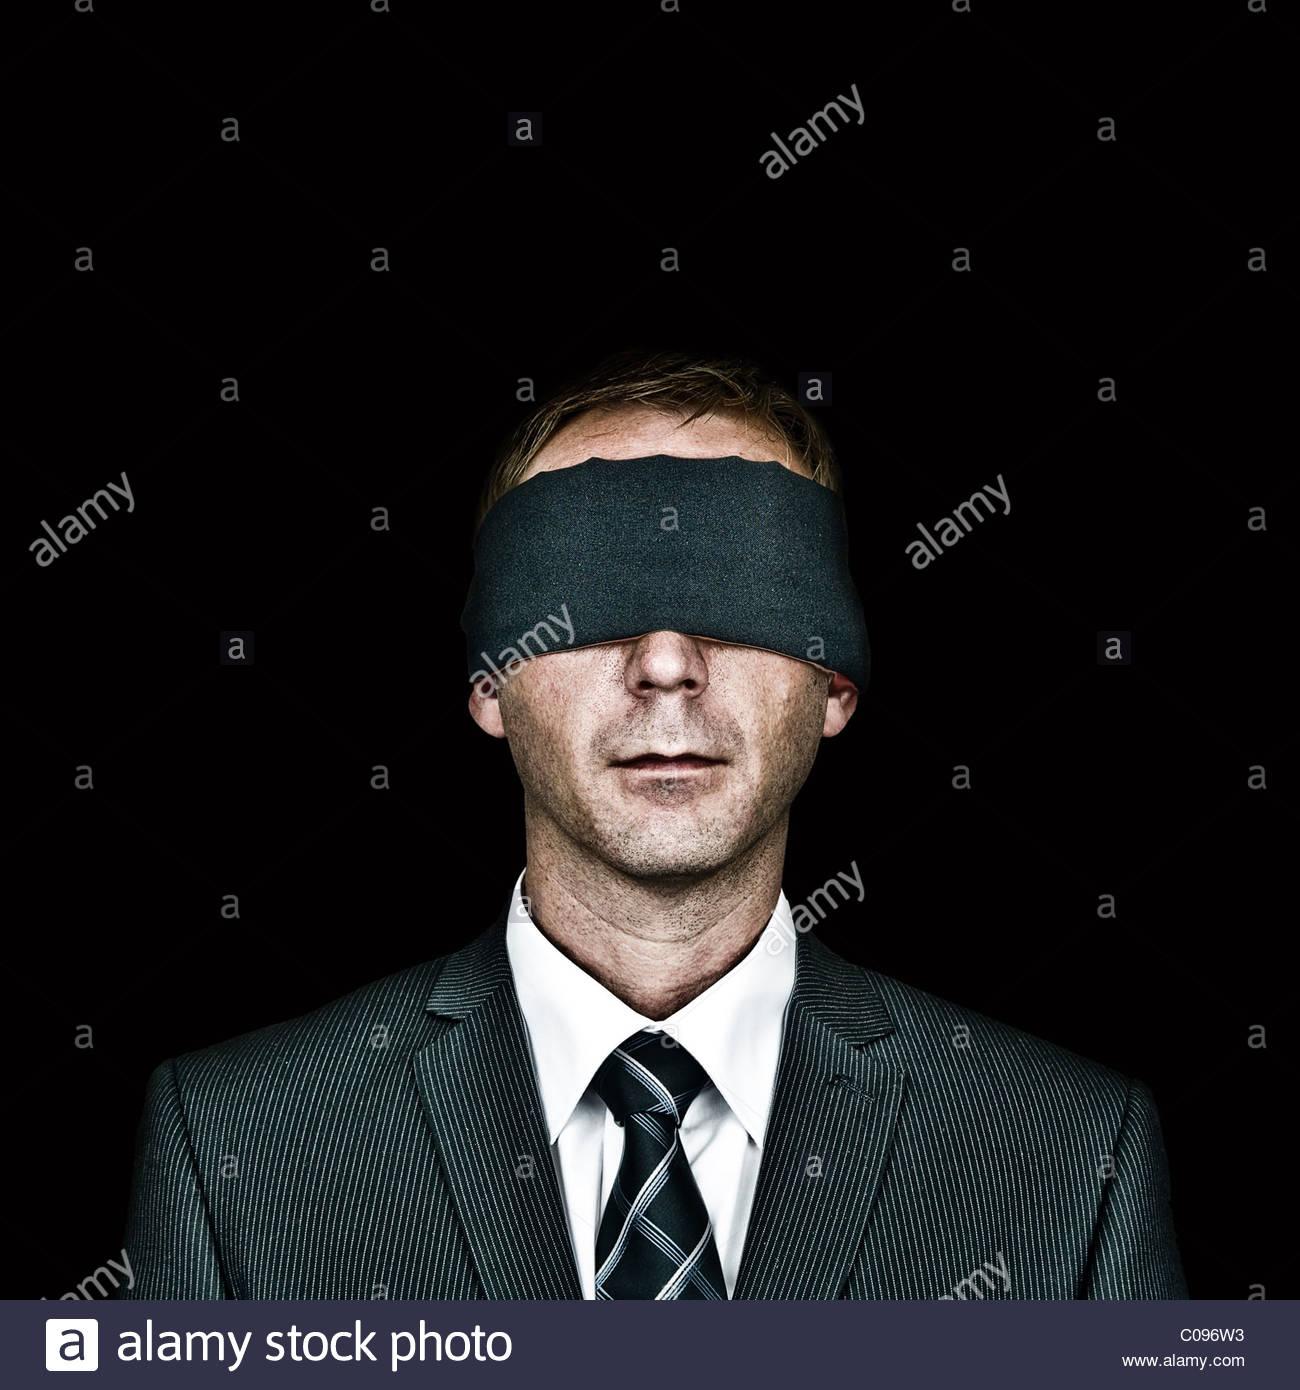 Man blindfolded on black background - Stock Image